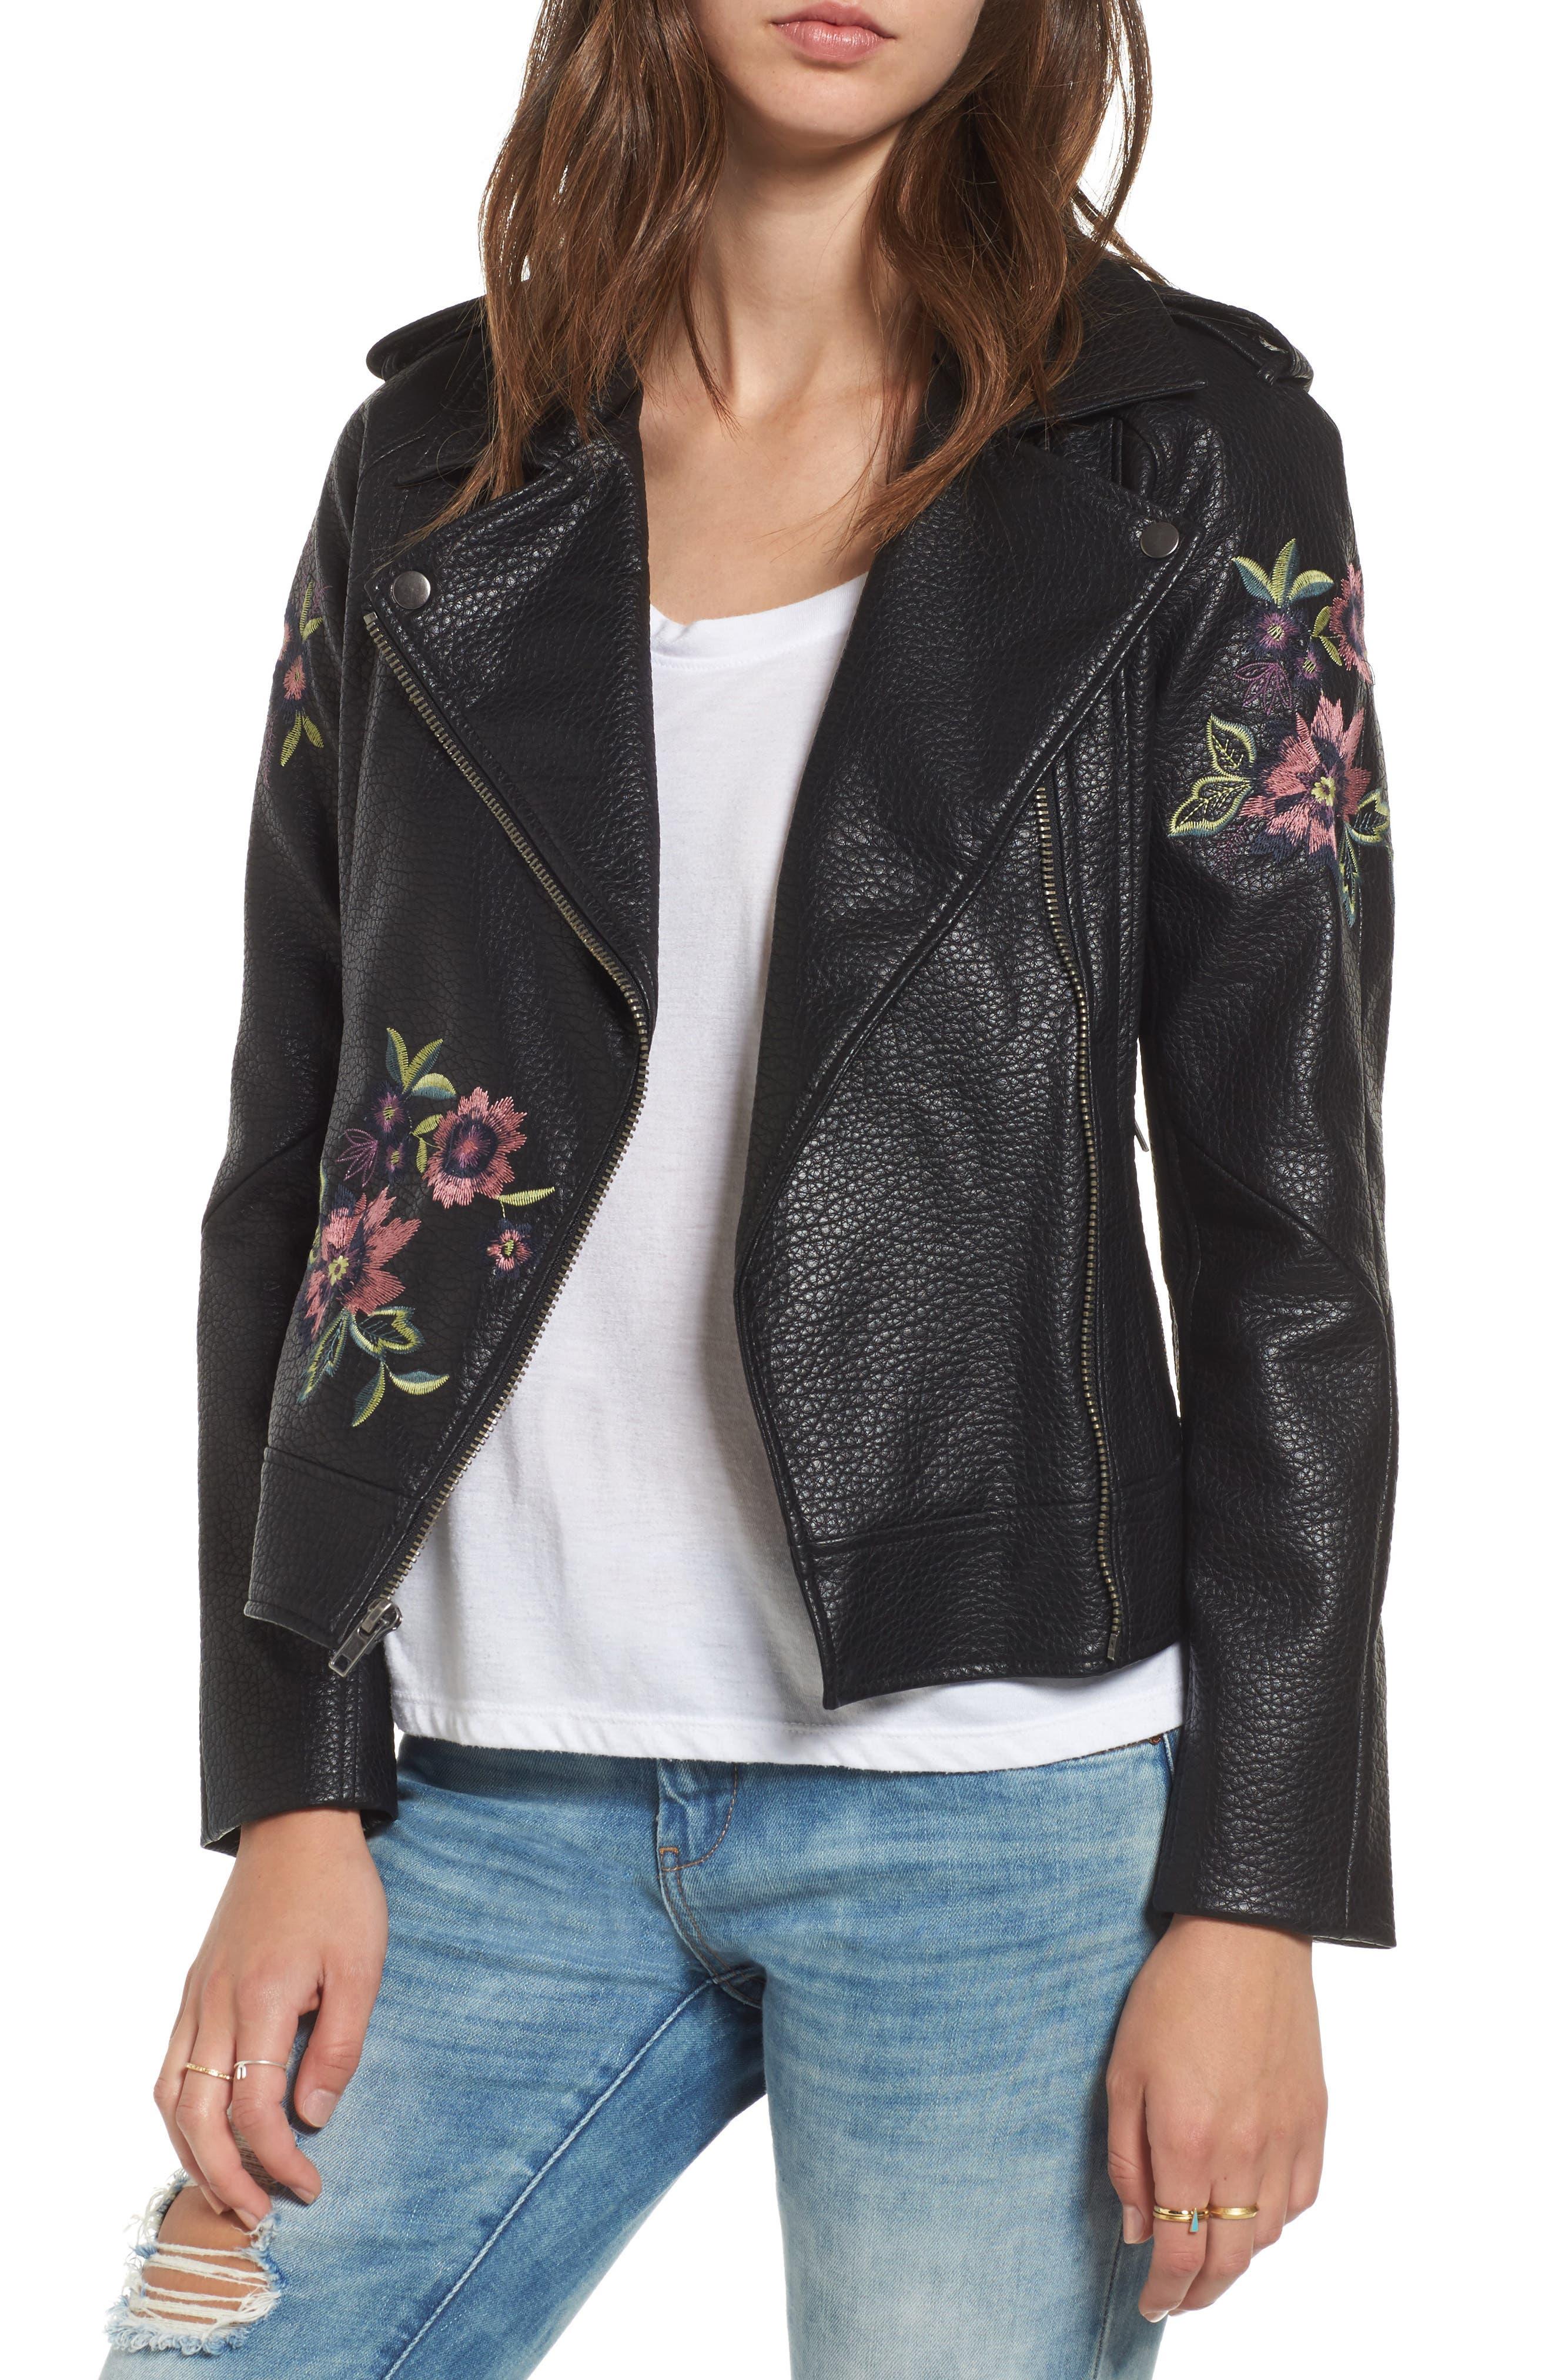 Main Image - BB Dakota Baxley Embroidered Faux Leather Moto Jacket